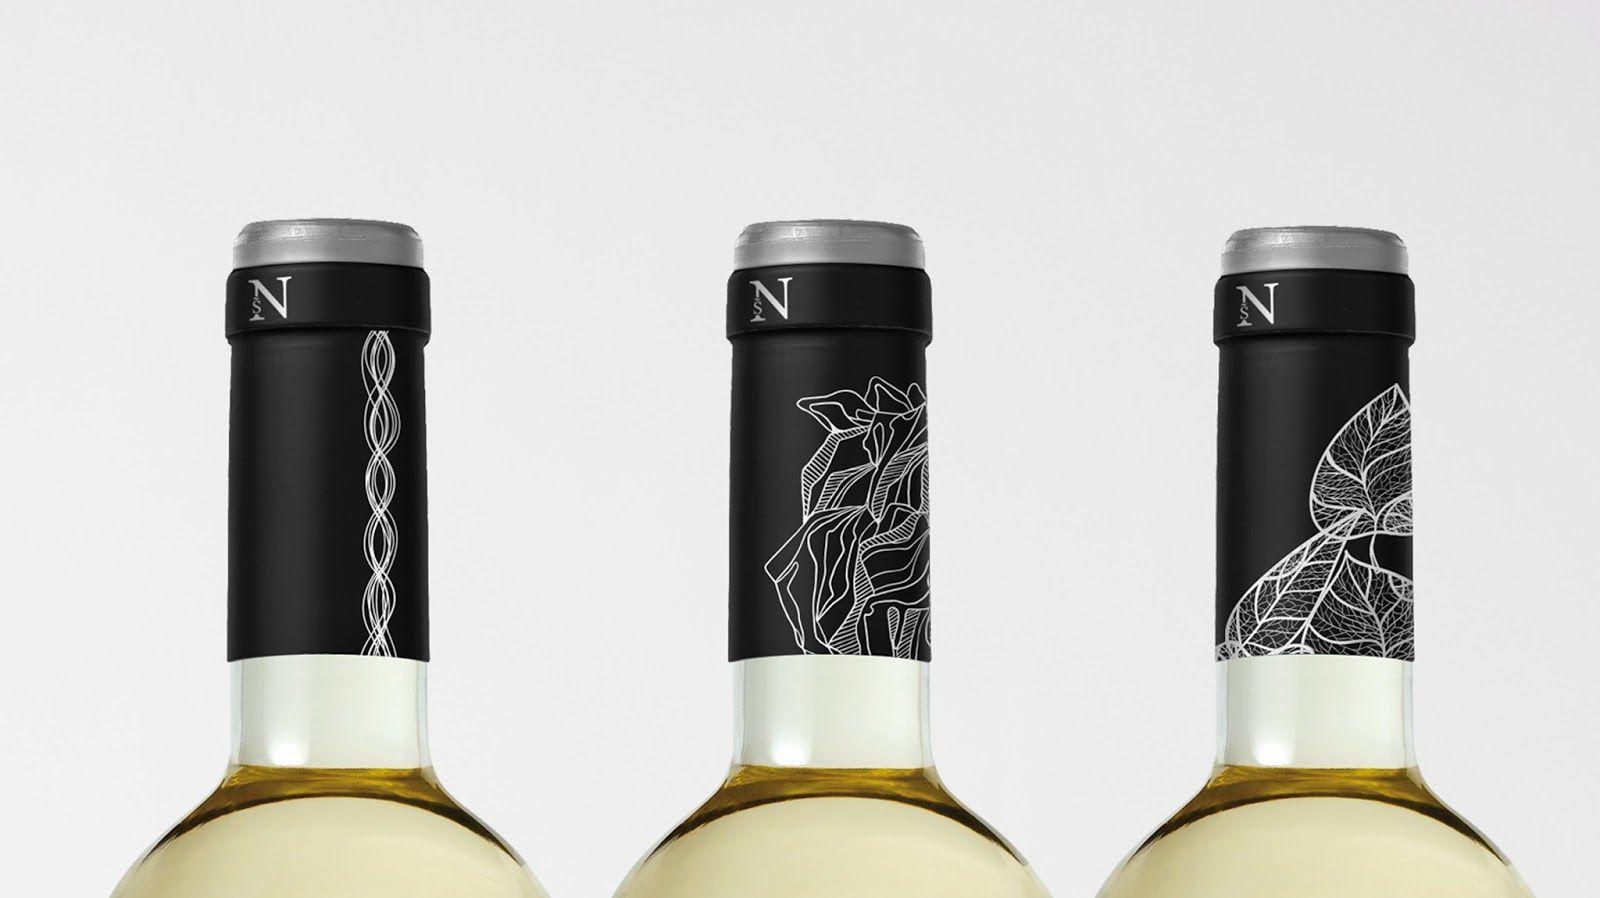 Señorio de Nava Wineries (vin espagnol) I Design : estudiodavinci, Espagne (septembre 2016)